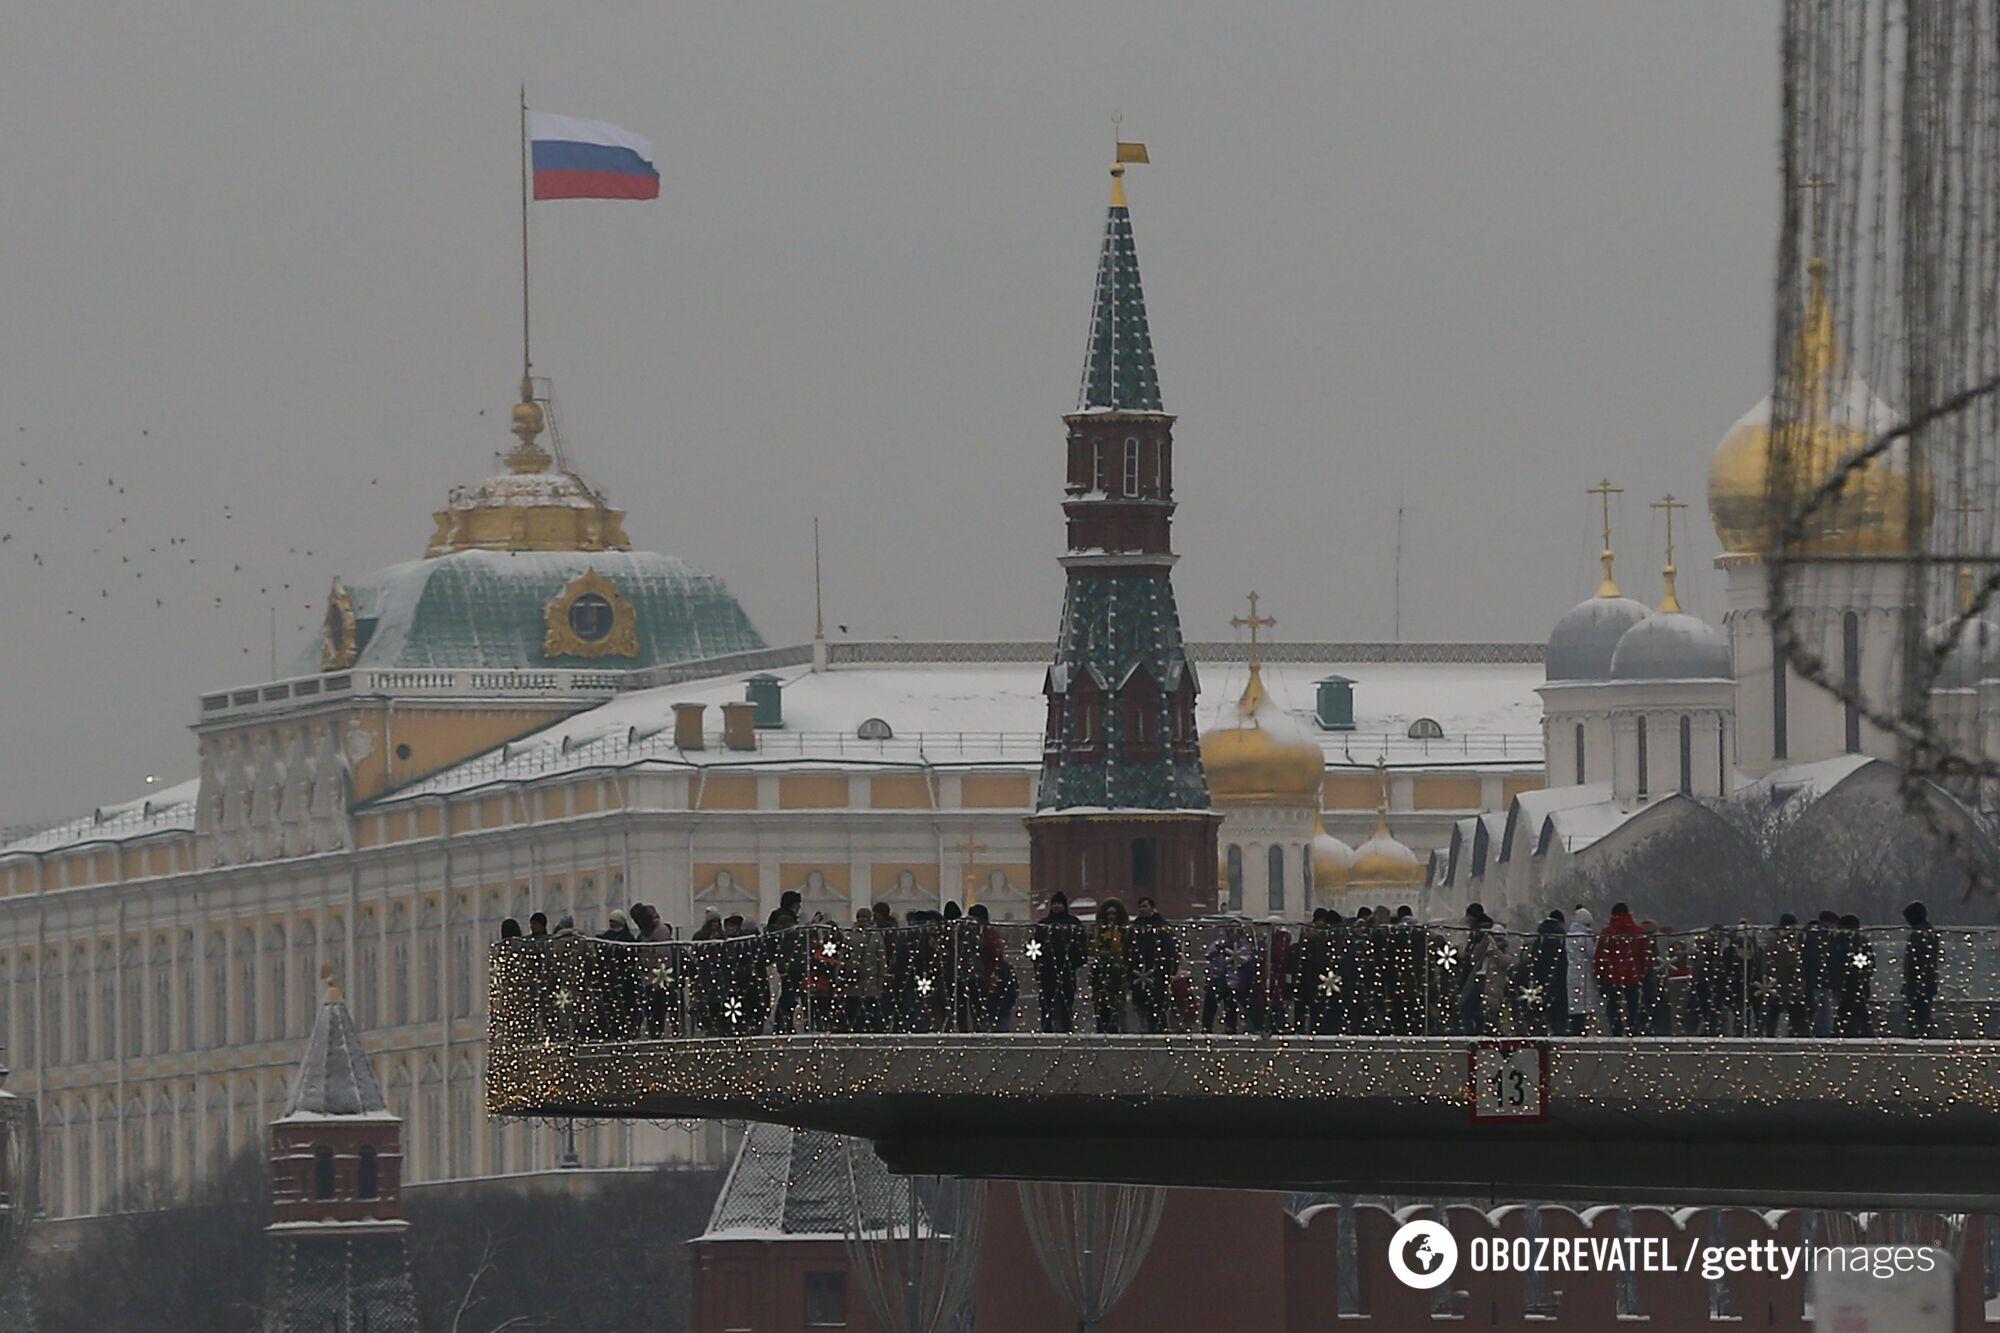 Оппозиционер Геннадий Гудков утверждает, что власть в Кремле уже устала притворяться